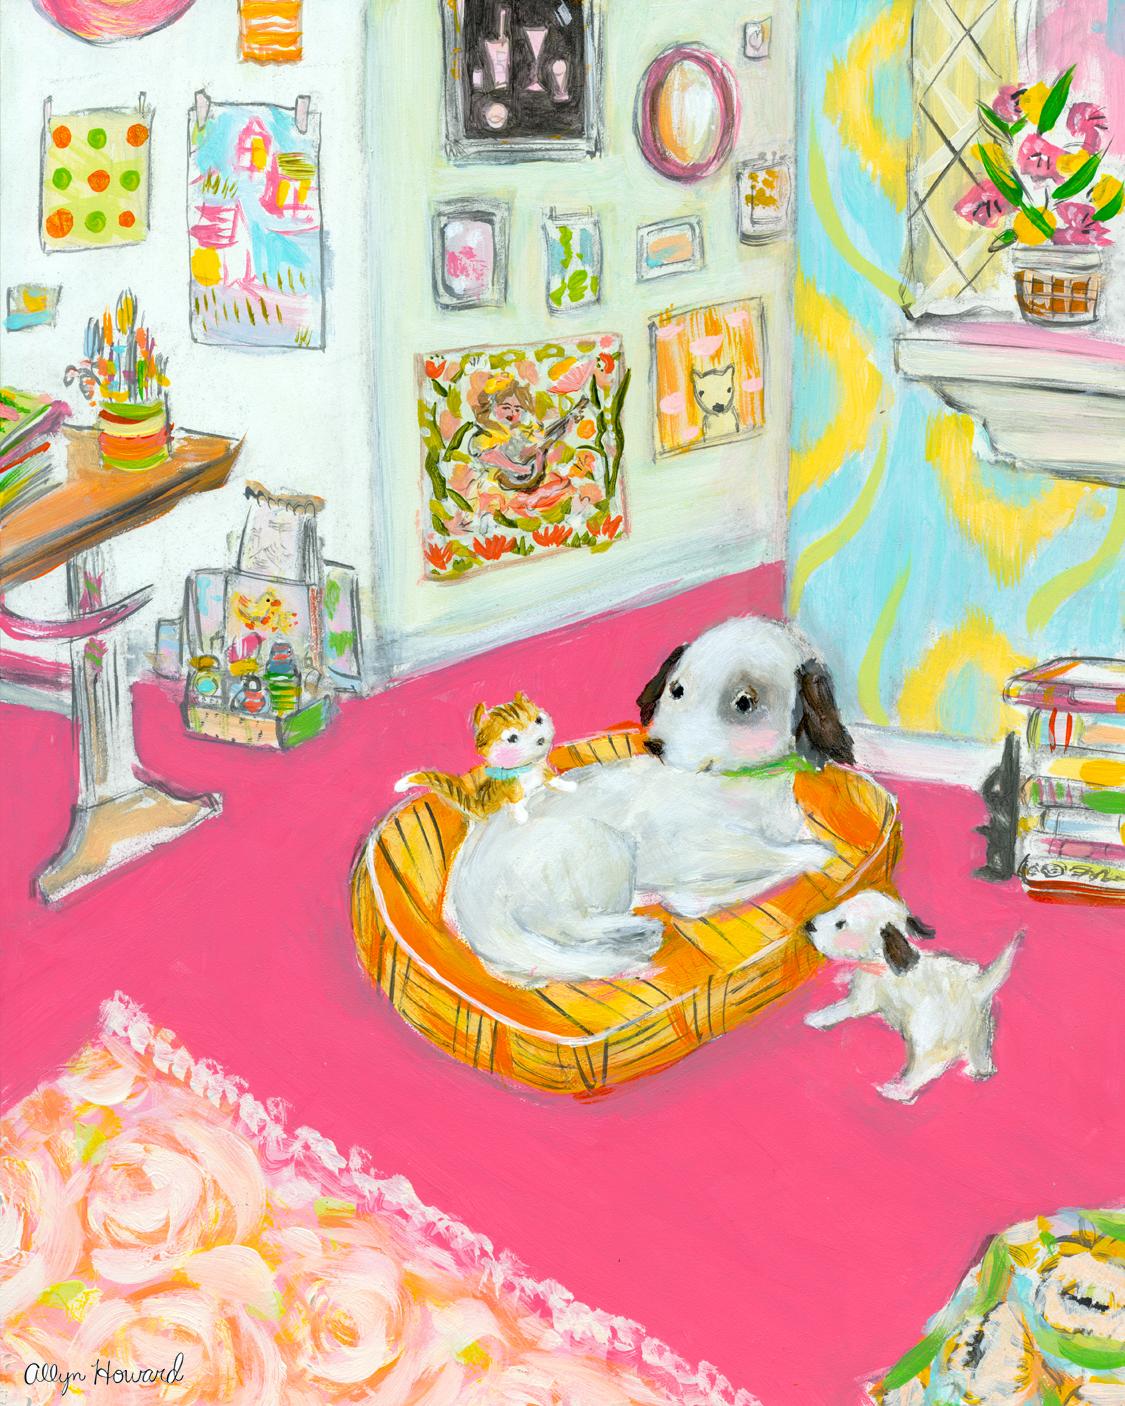 allyn_howard_studio_dogs_cat.jpg